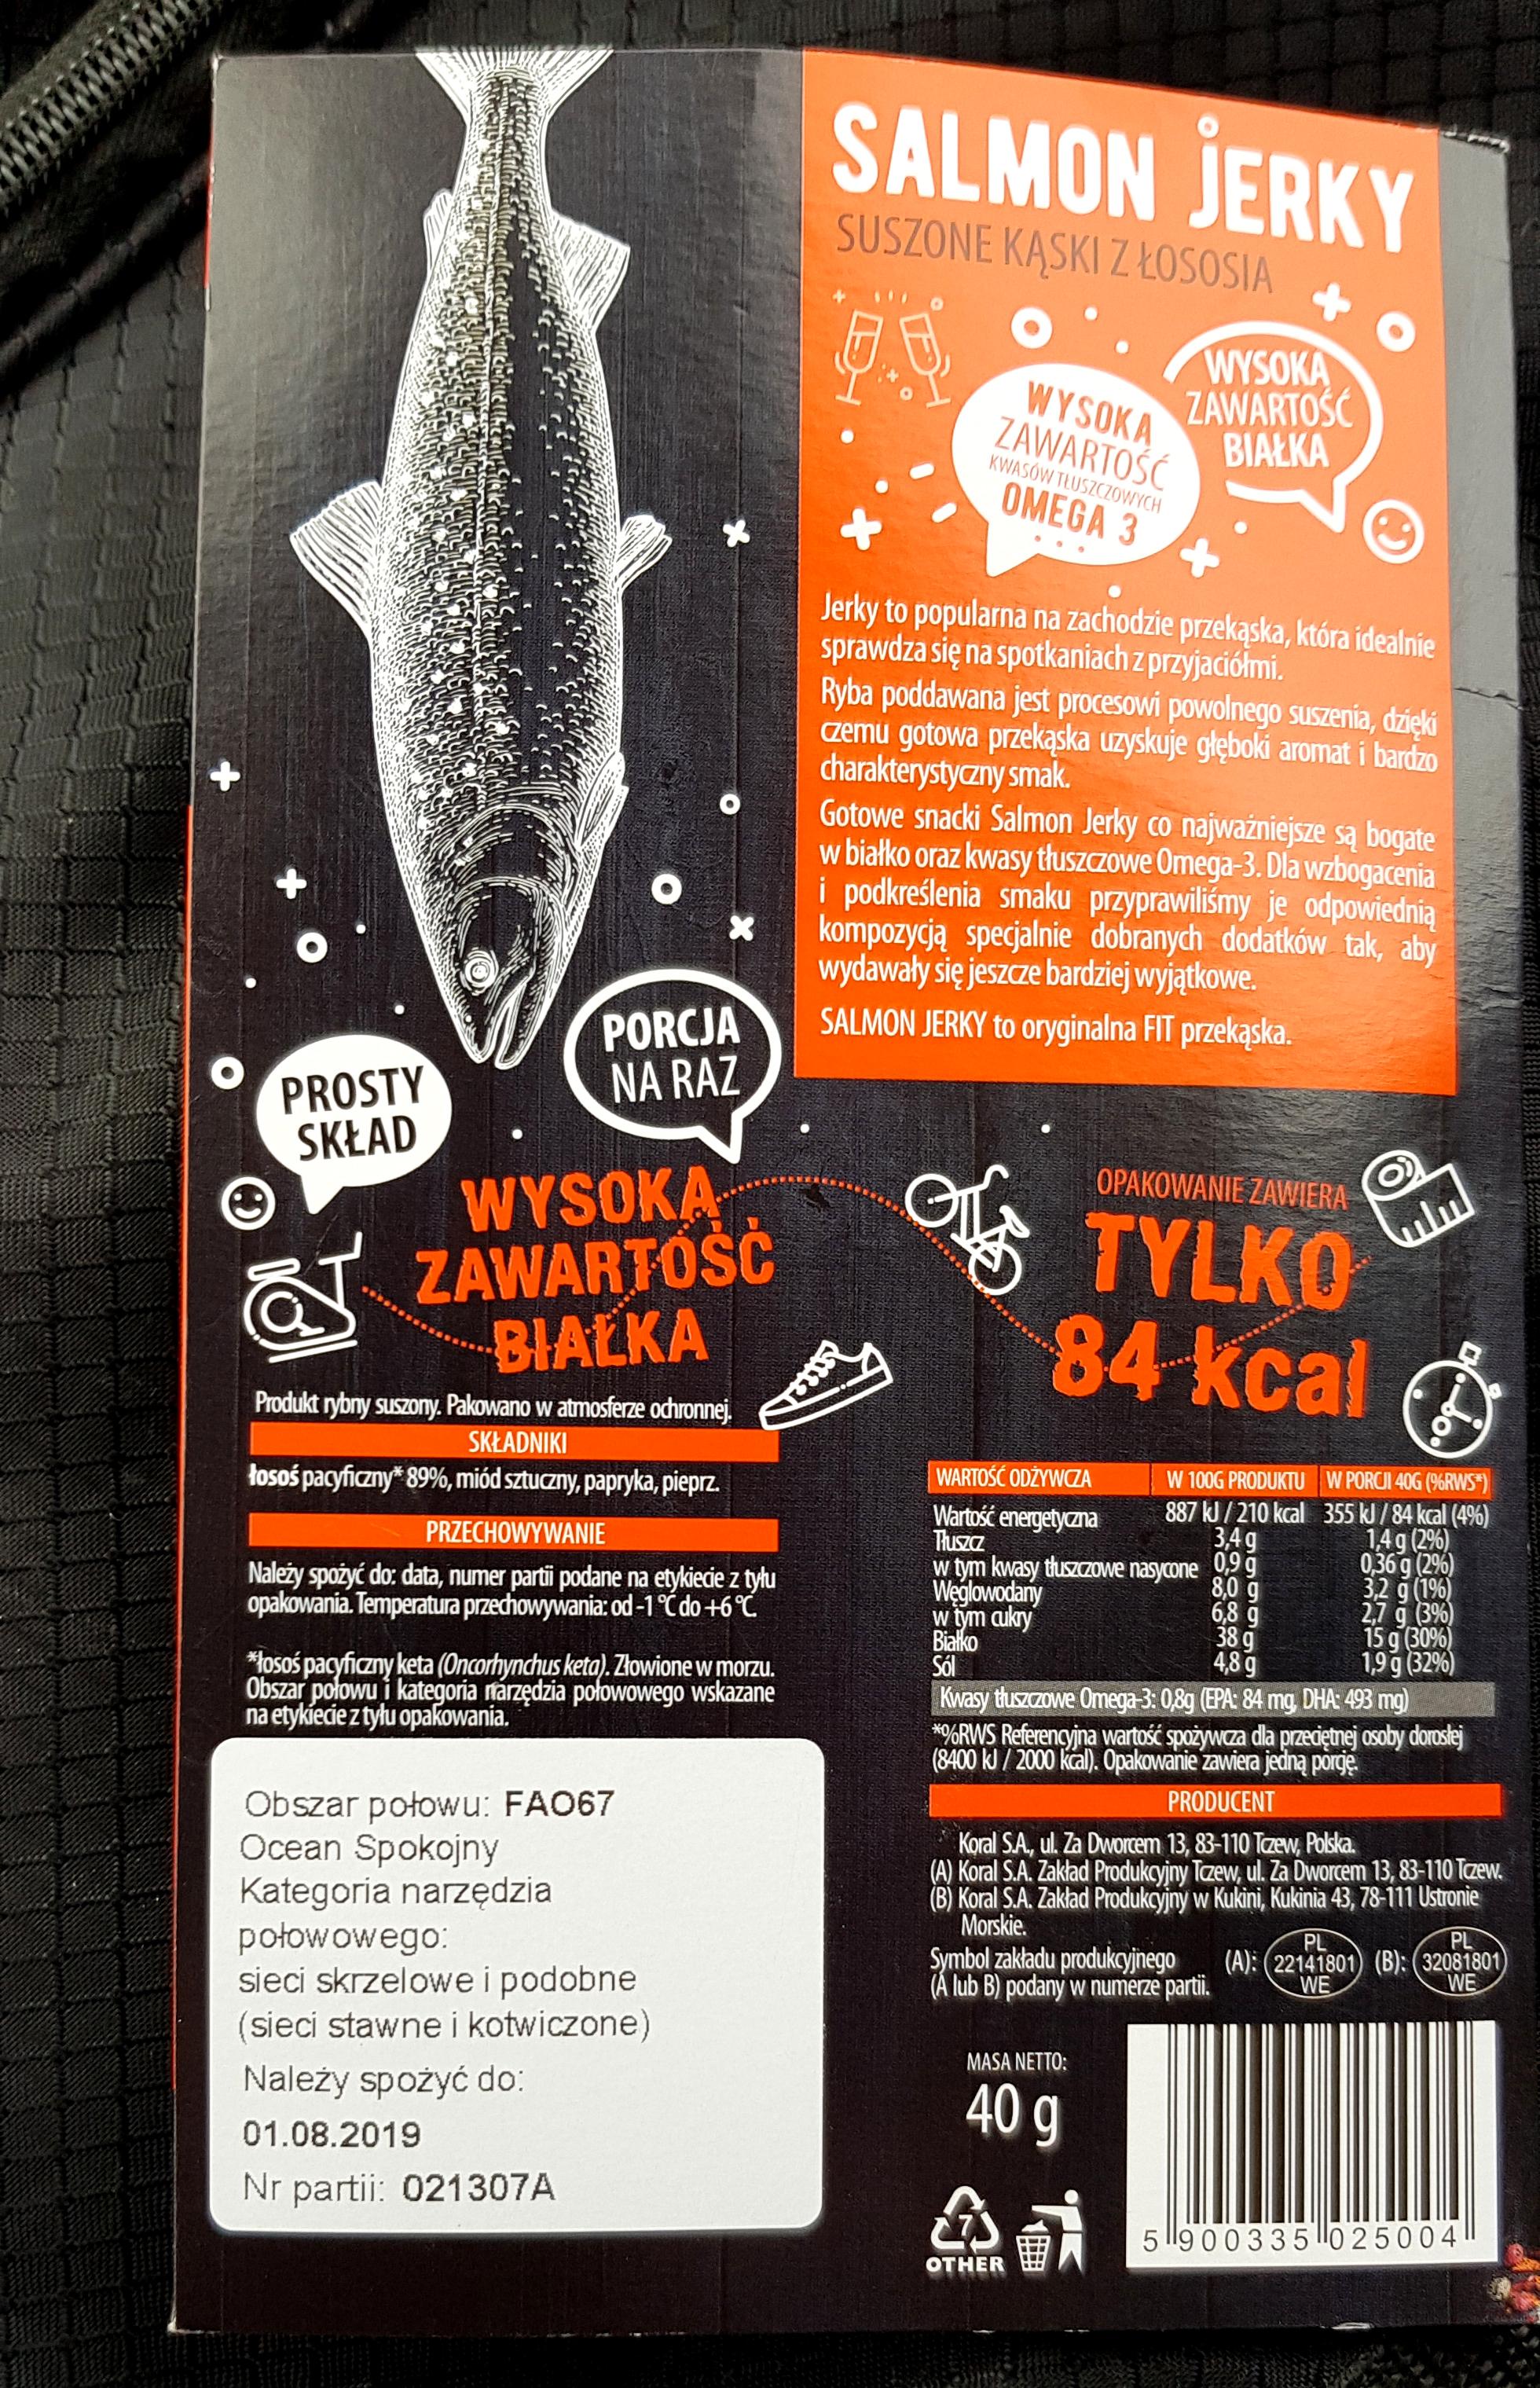 Super Fish Fish Snack Salmon Jerky wartości odżywcze